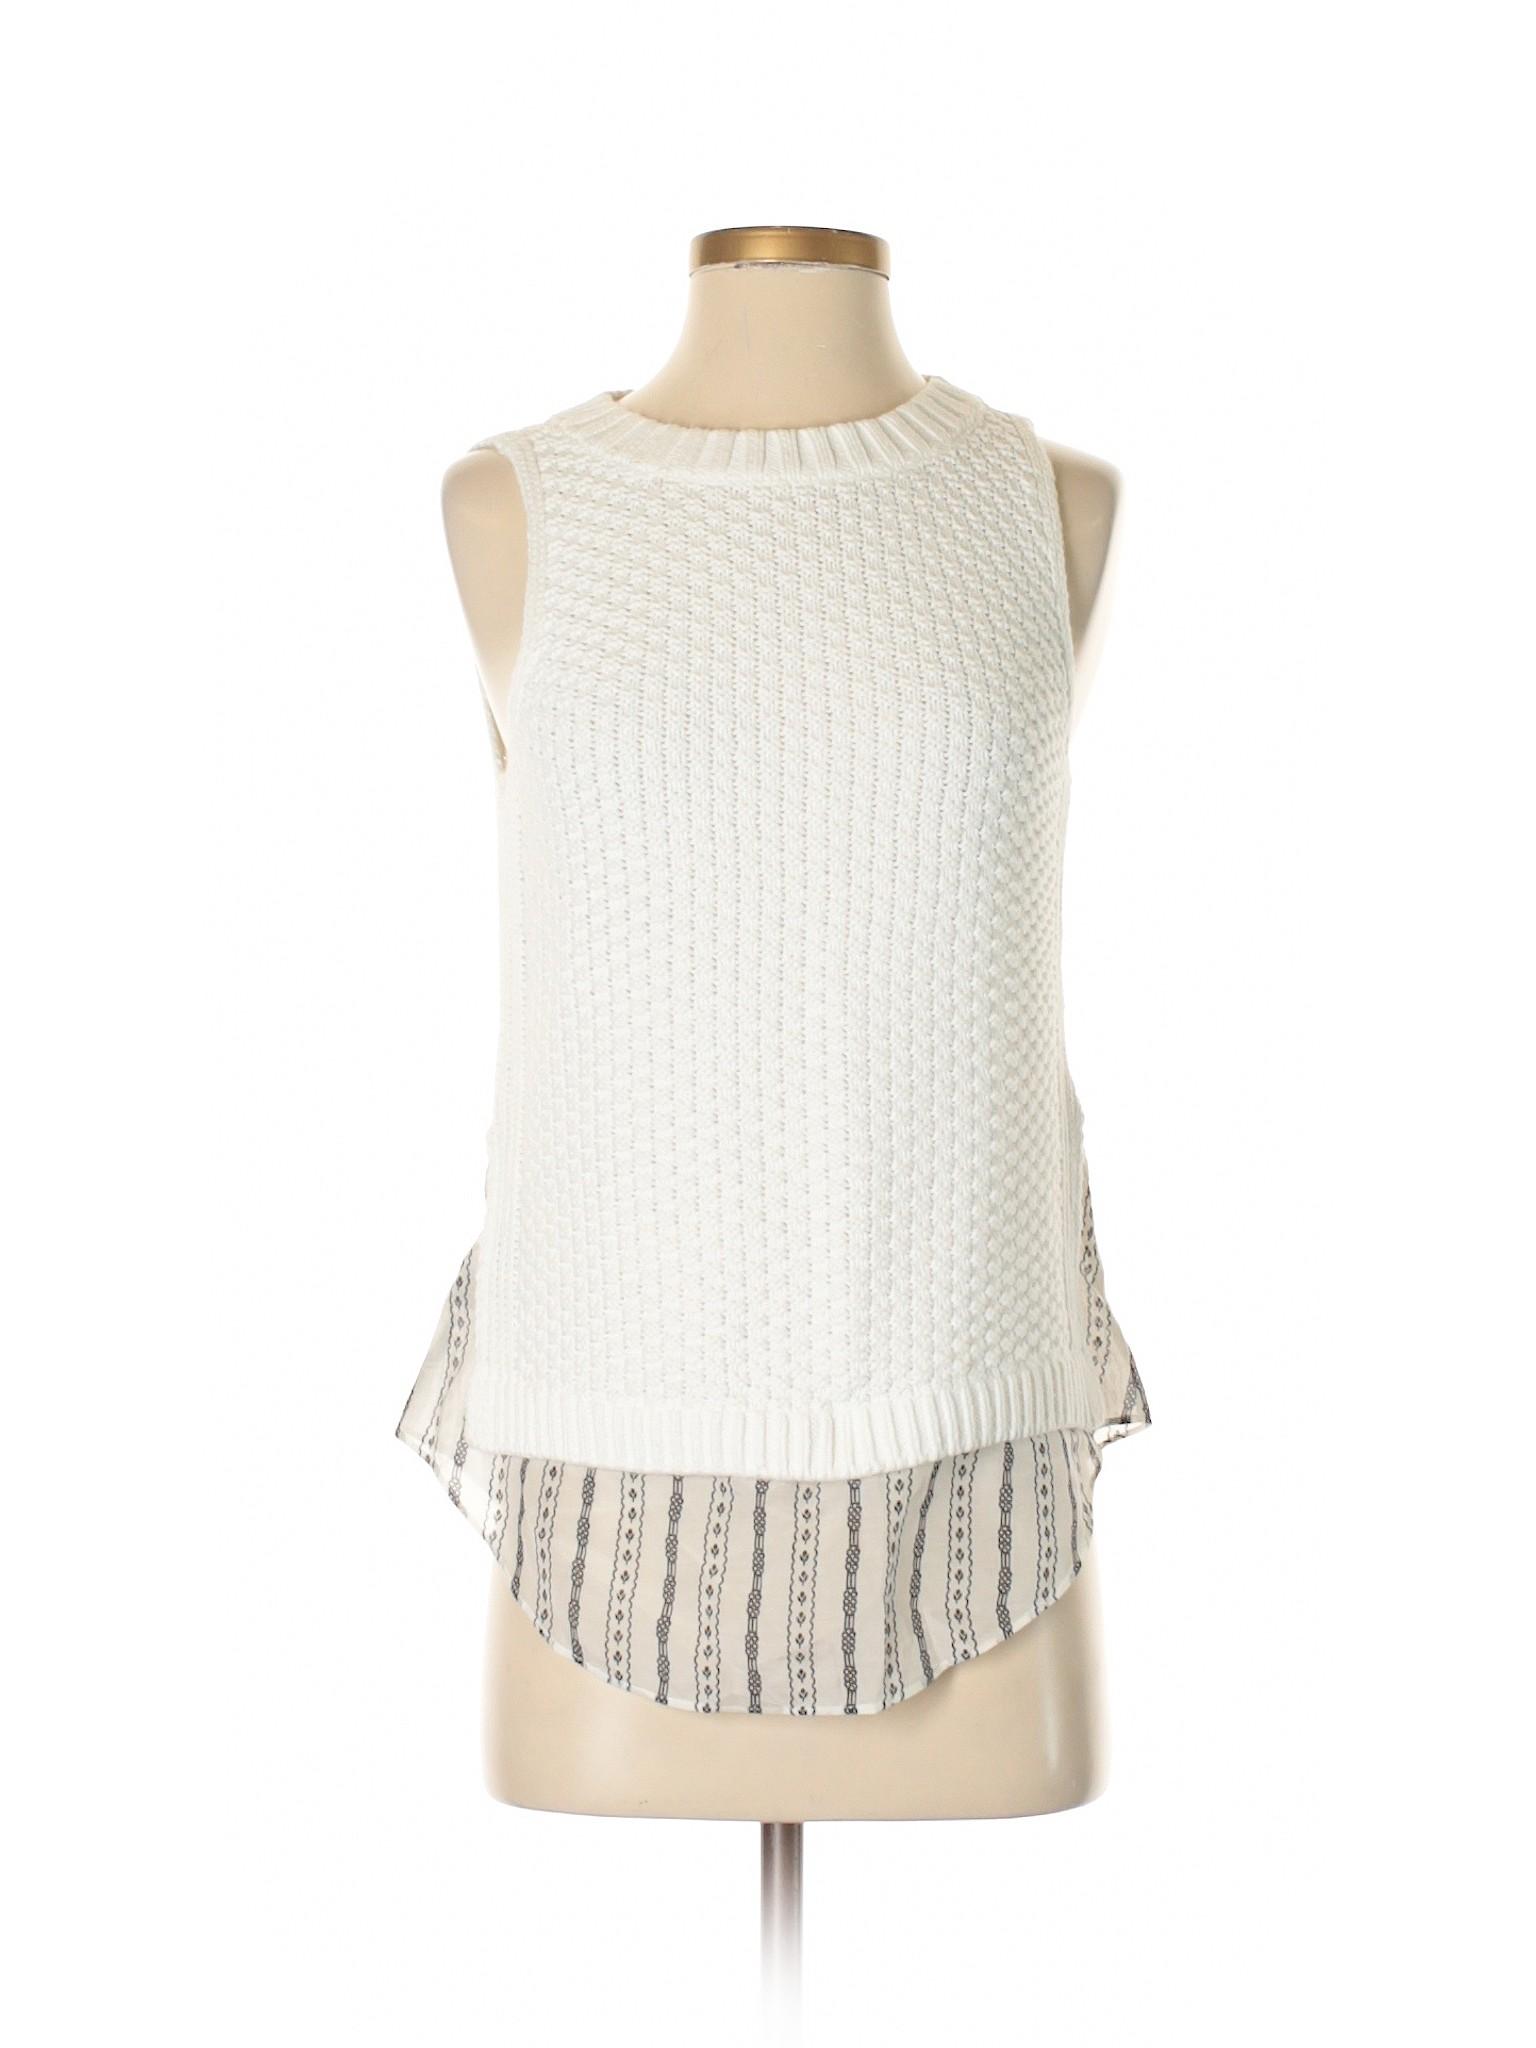 Boutique Sweater LOFT Taylor Ann Pullover Cnqp1C